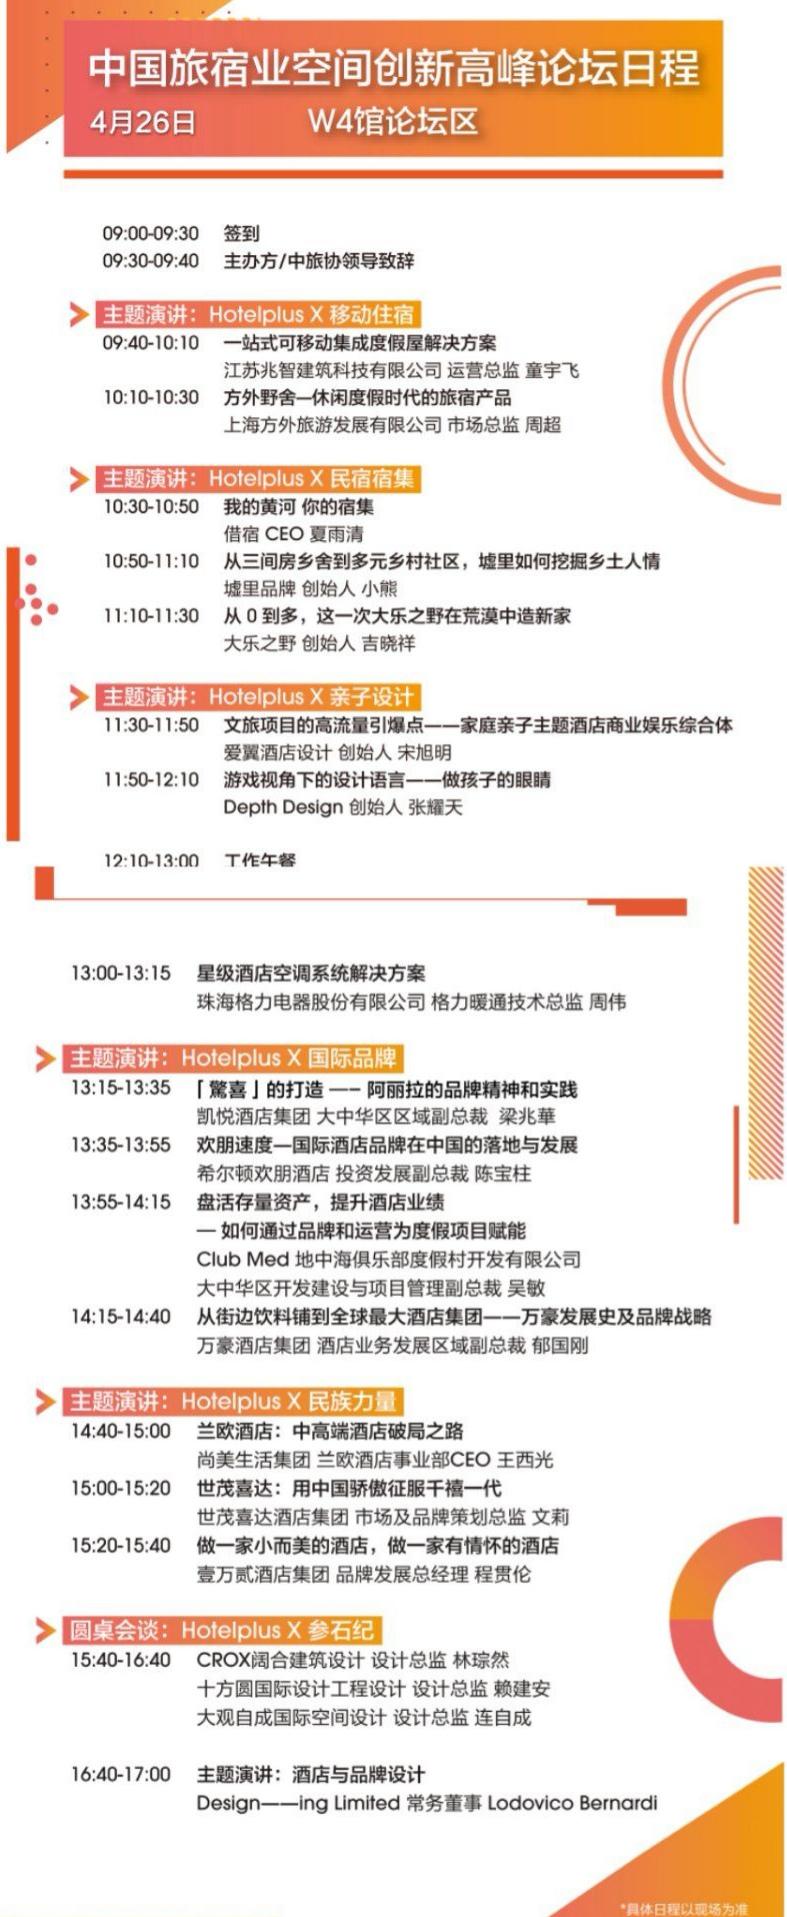 一、中国旅宿业空间高峰论坛暨Hotelplus样板房品鉴主题论坛